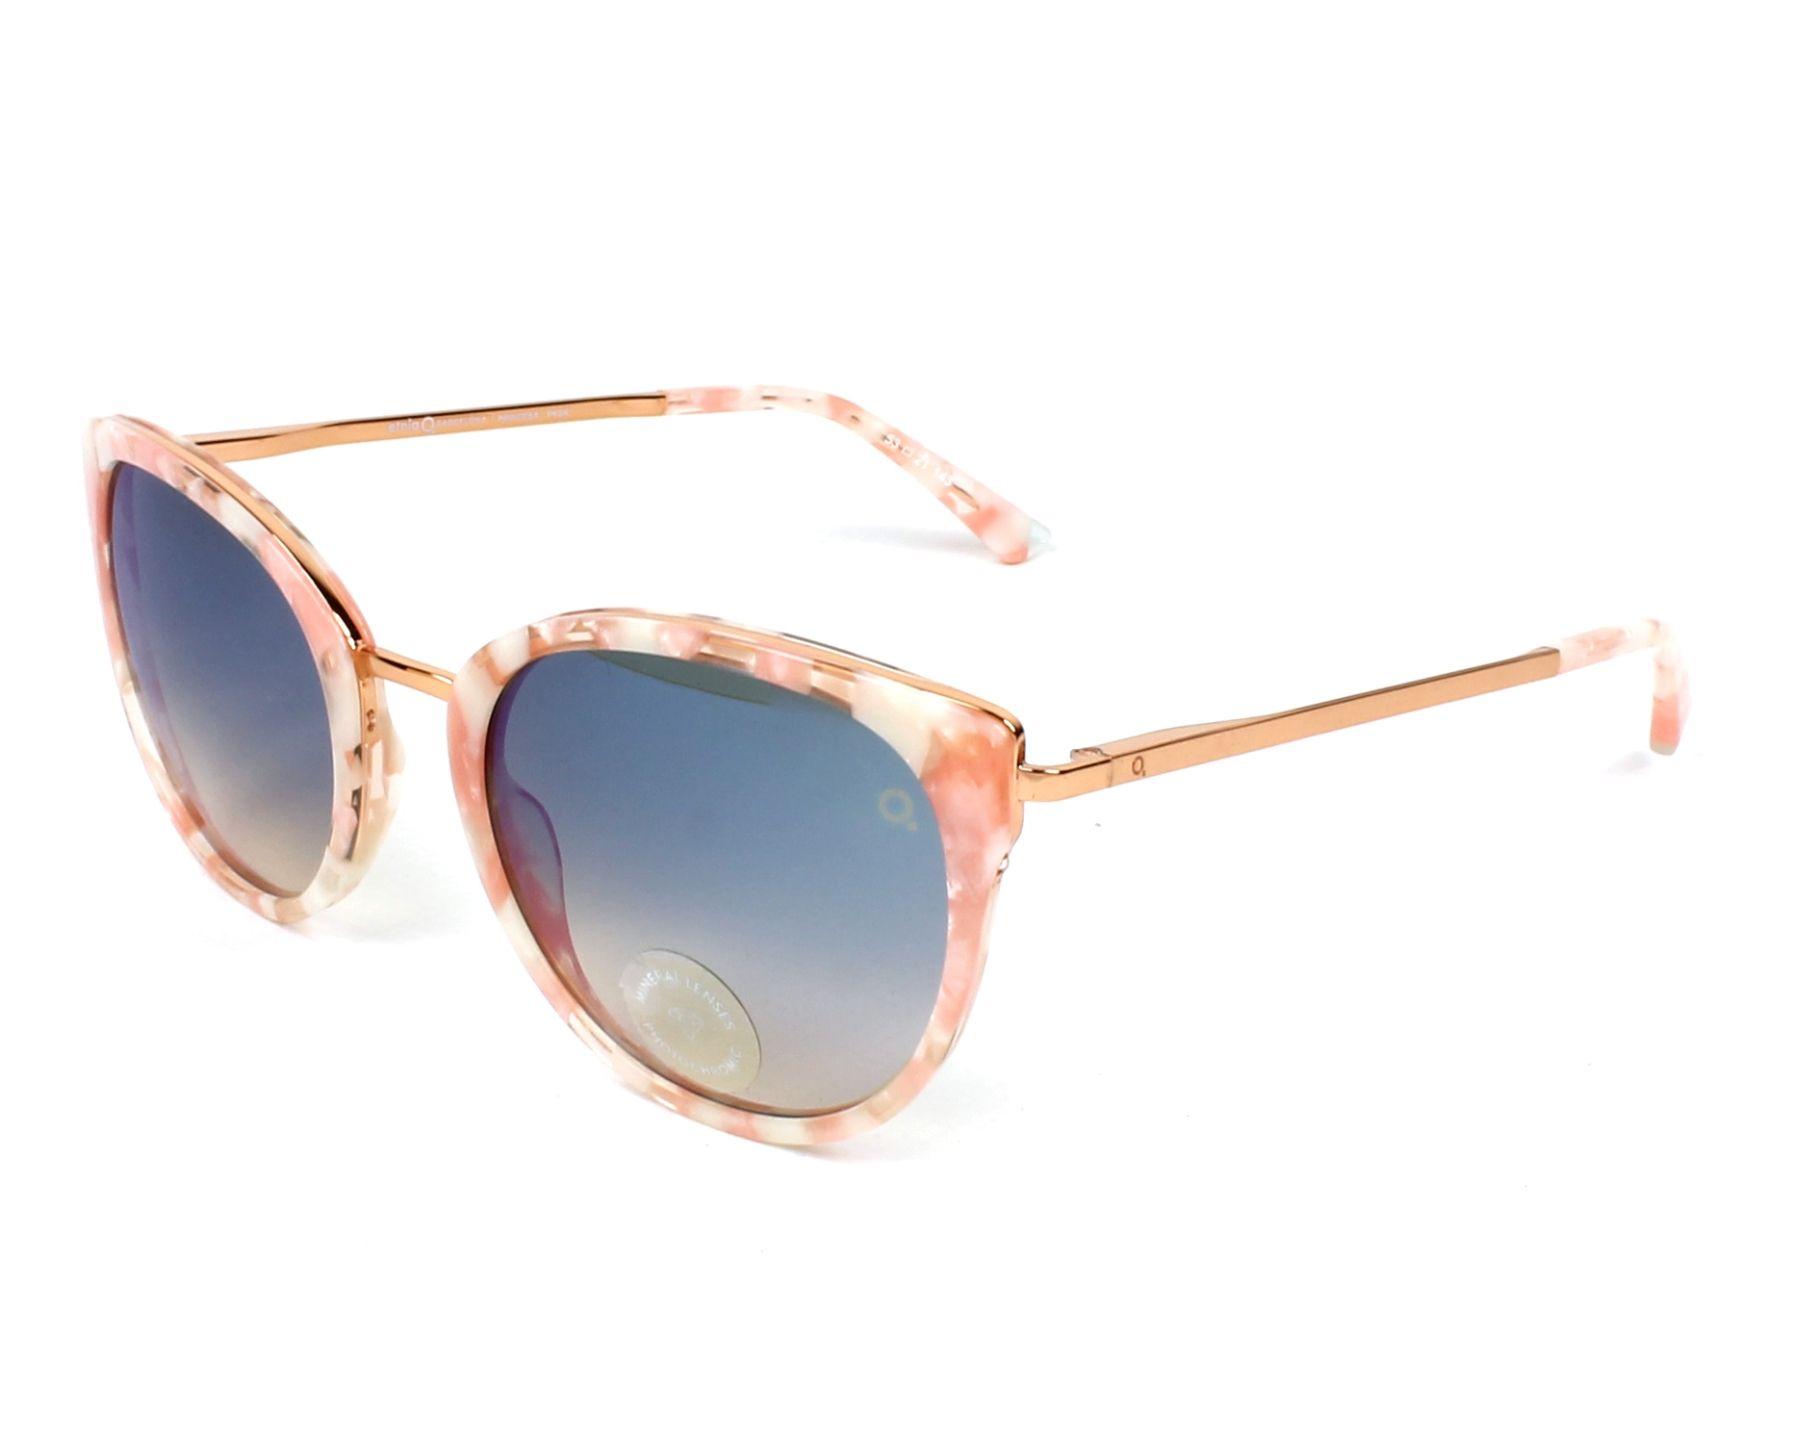 dd2454fc77 Gafas de sol Etnia Barcelona princesa PKSK - Rosa Oro cobre vista de perfil